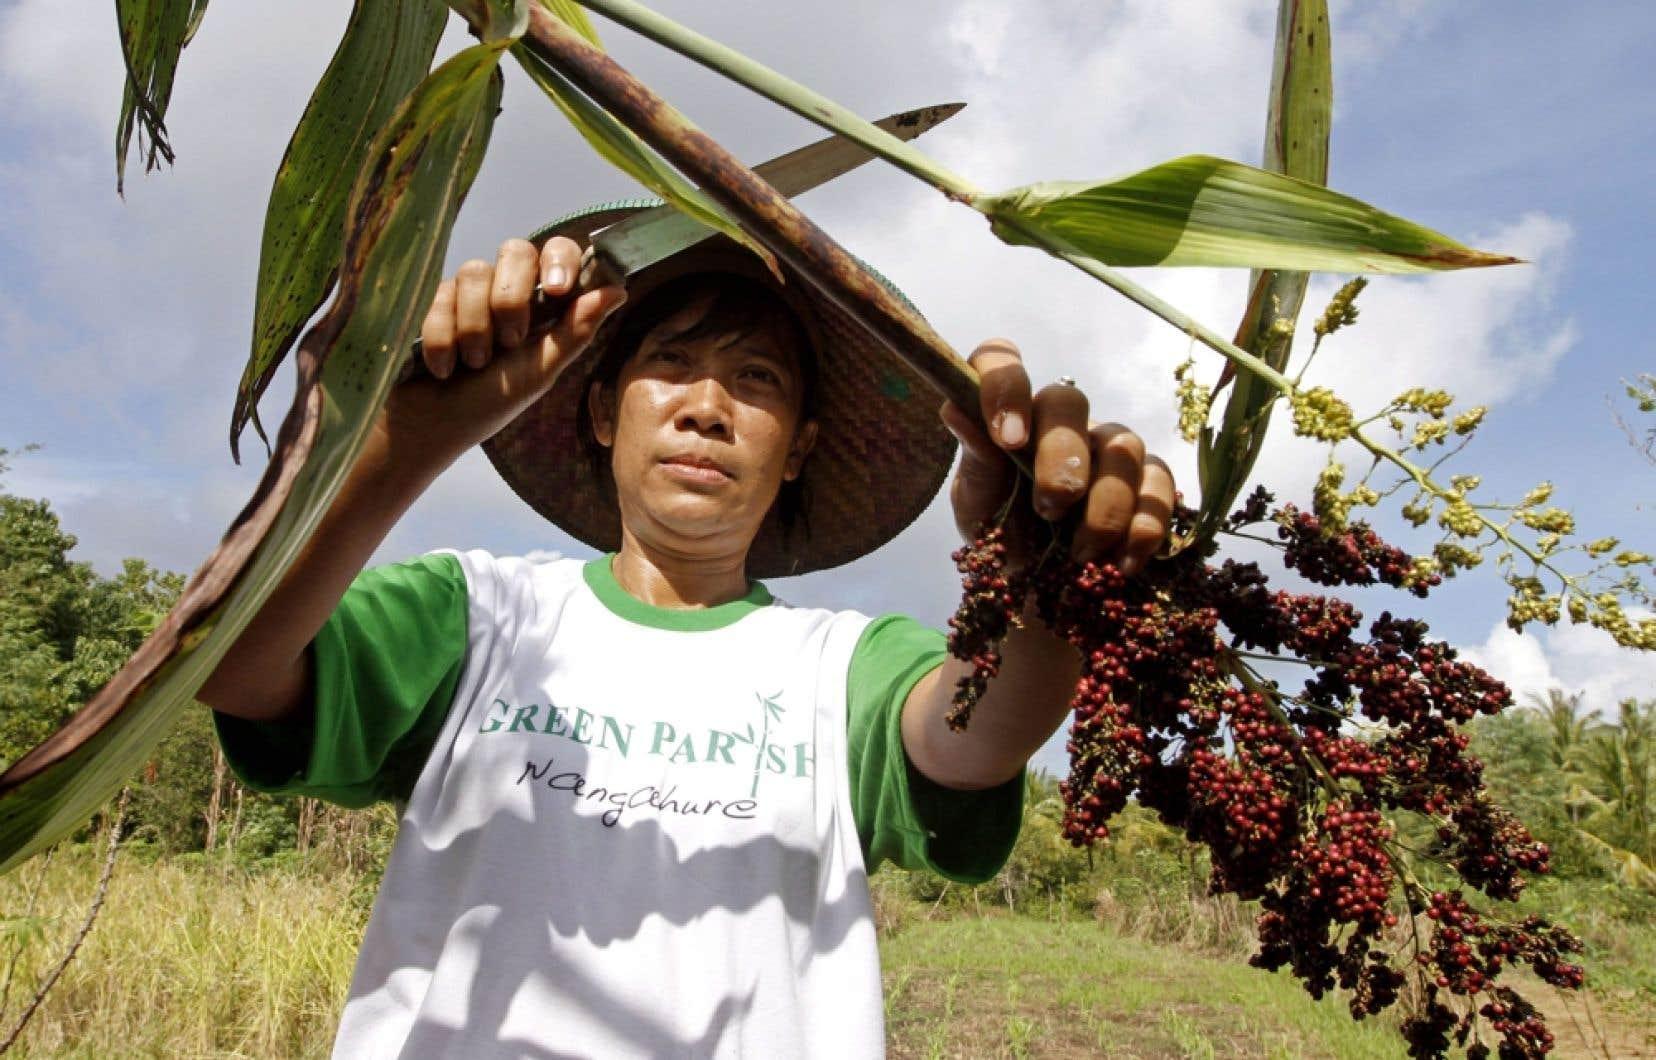 Une voie de sortie est possible pour devenir « Maître chez soi ». La preuve en est fournie en Indonésie, dans l'île de Florès, par le programme Otonomi (autonomie).